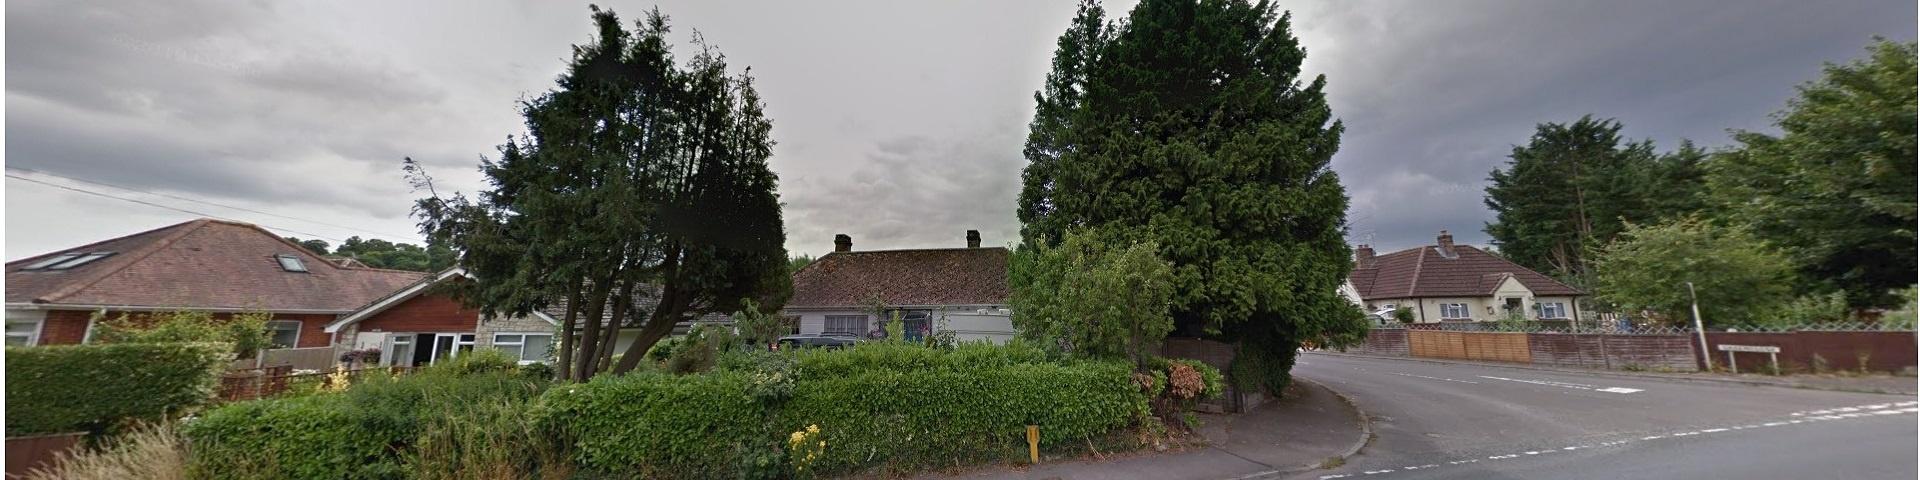 Land Acquired at Charlton Marshall, Blandford.